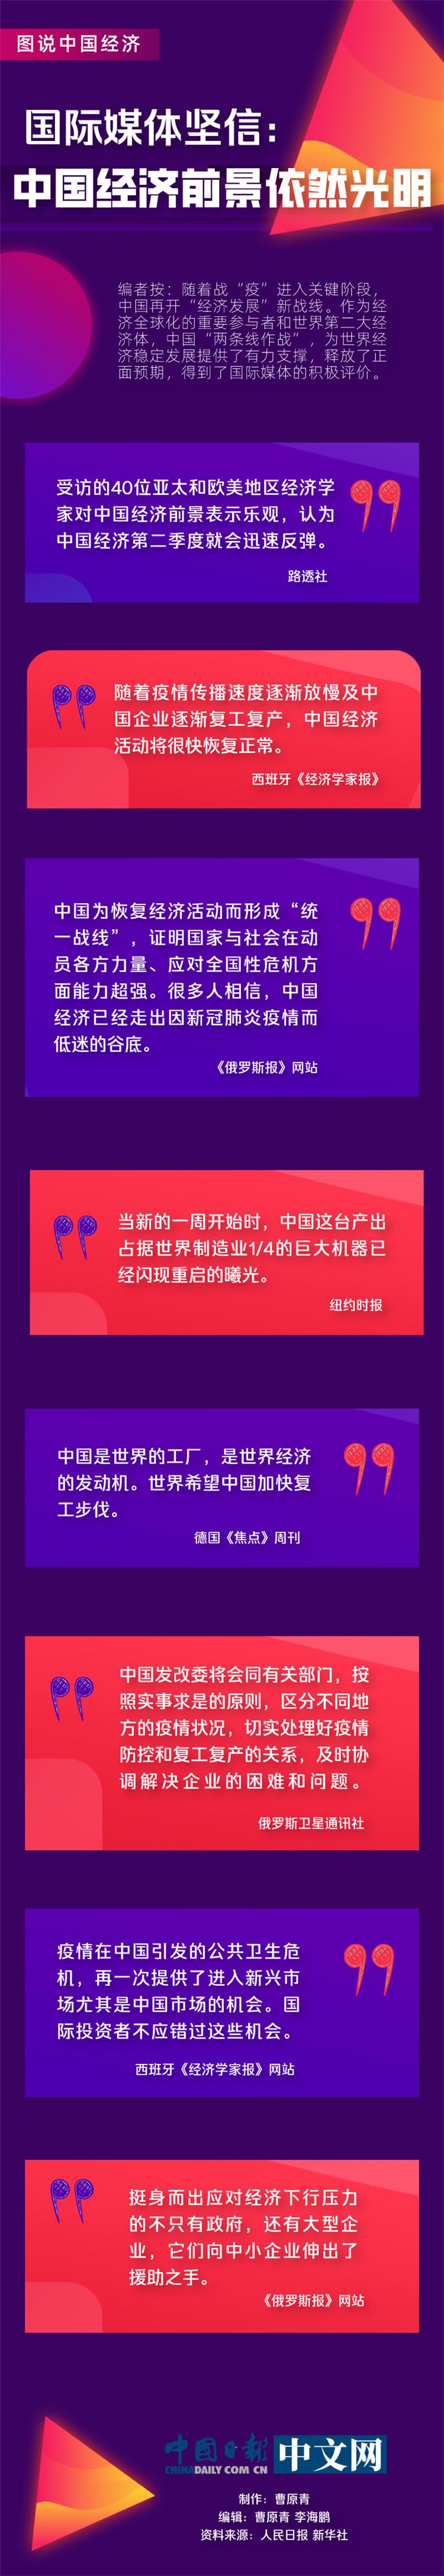 国际媒体坚信:中国经济前景依然光明图片